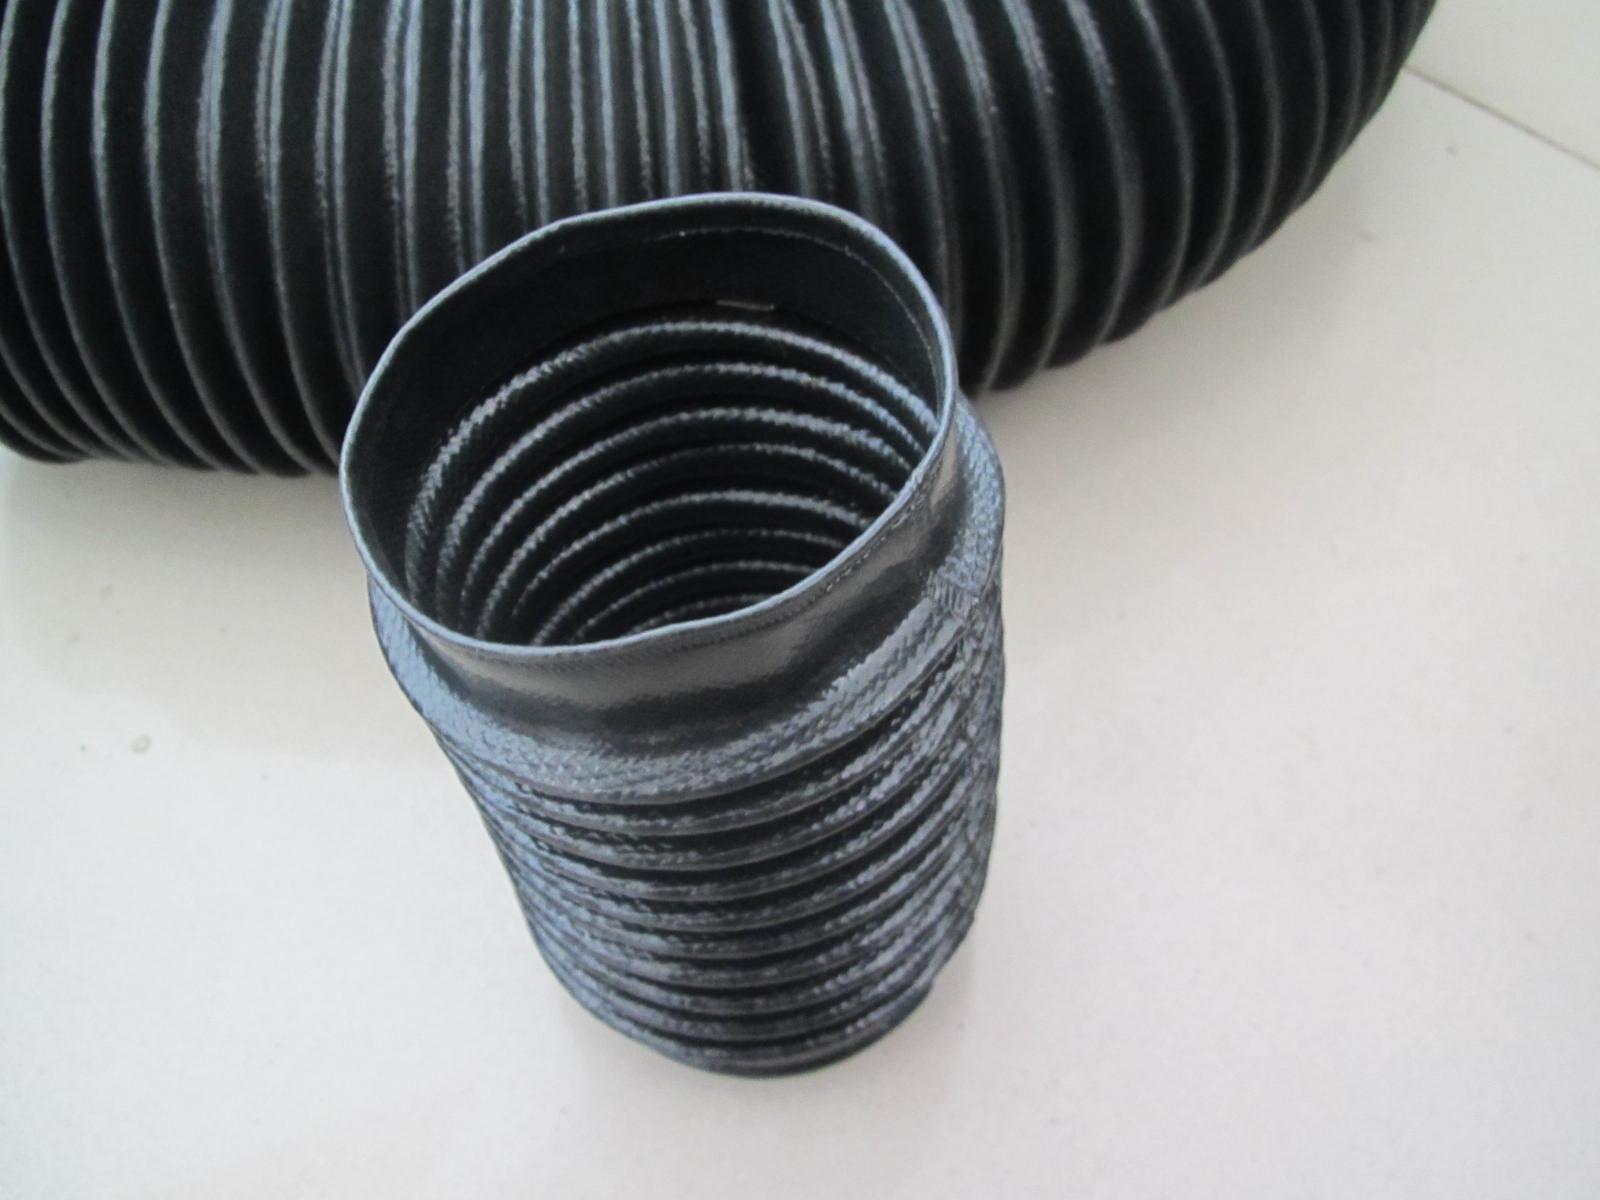 阻燃圆形伸缩防尘罩产品图